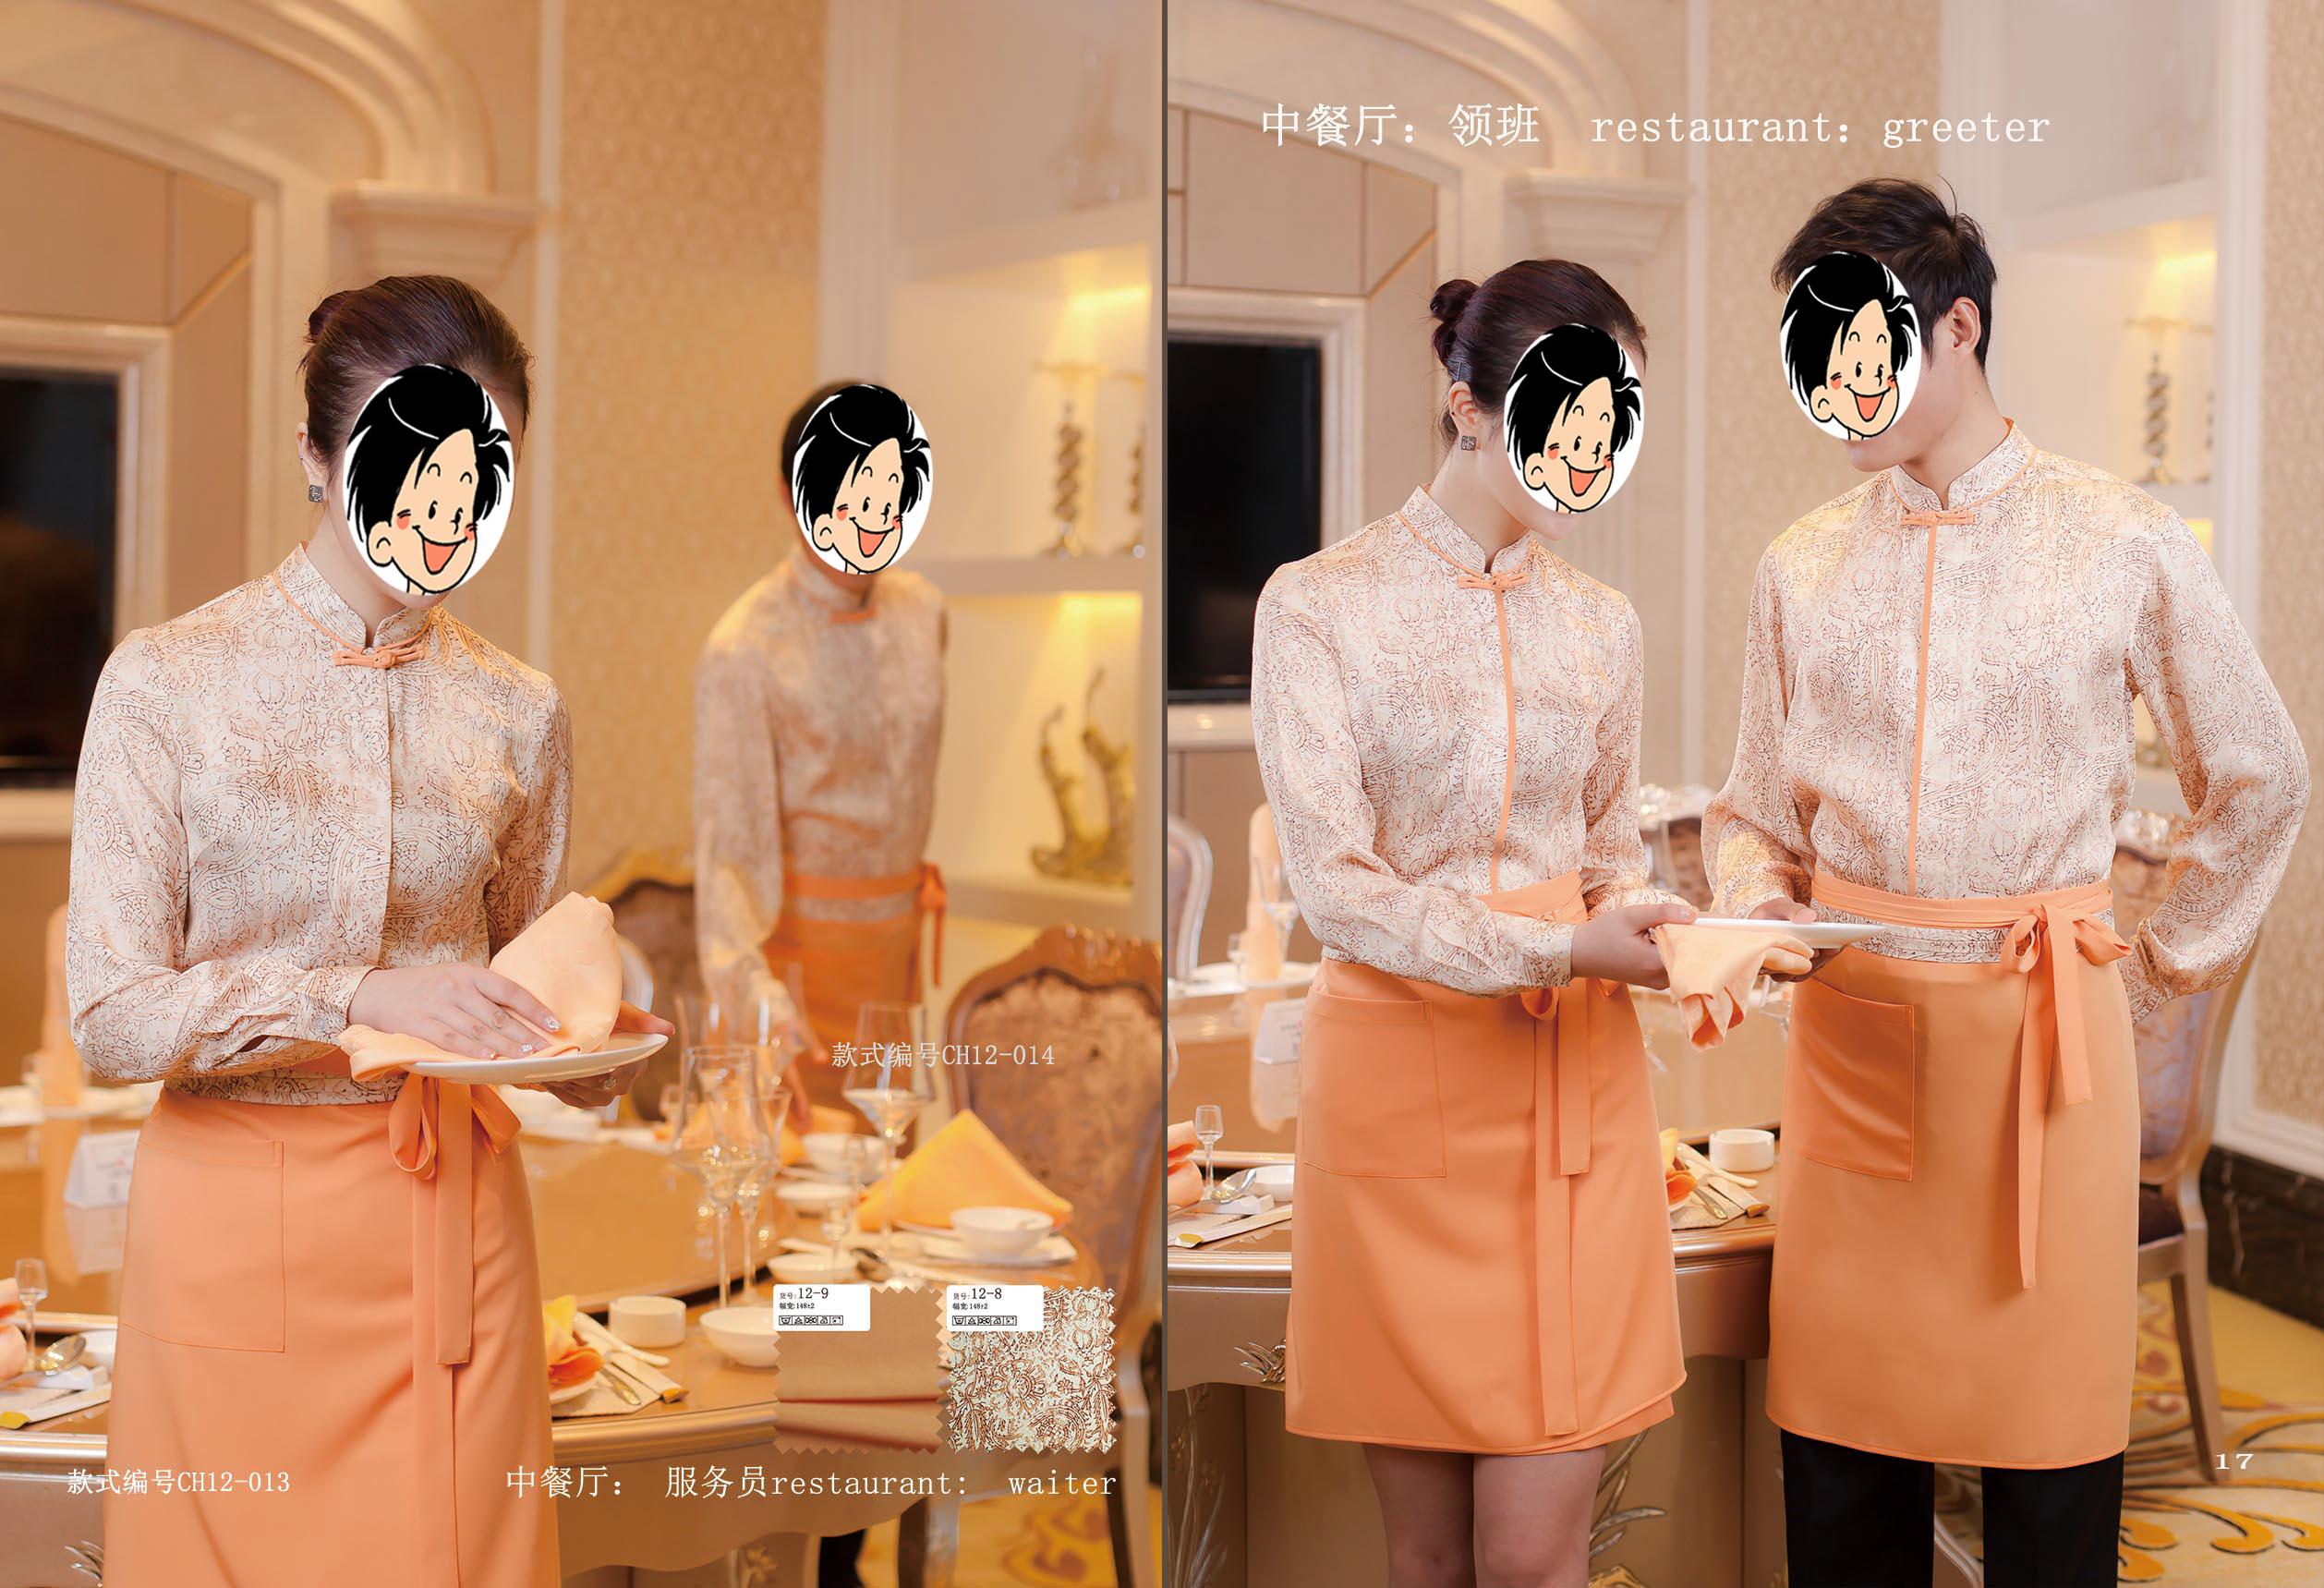 北京定做酒店制服-訂做酒店服裝批發、促銷價格、產地貨源-米蘭弘-4